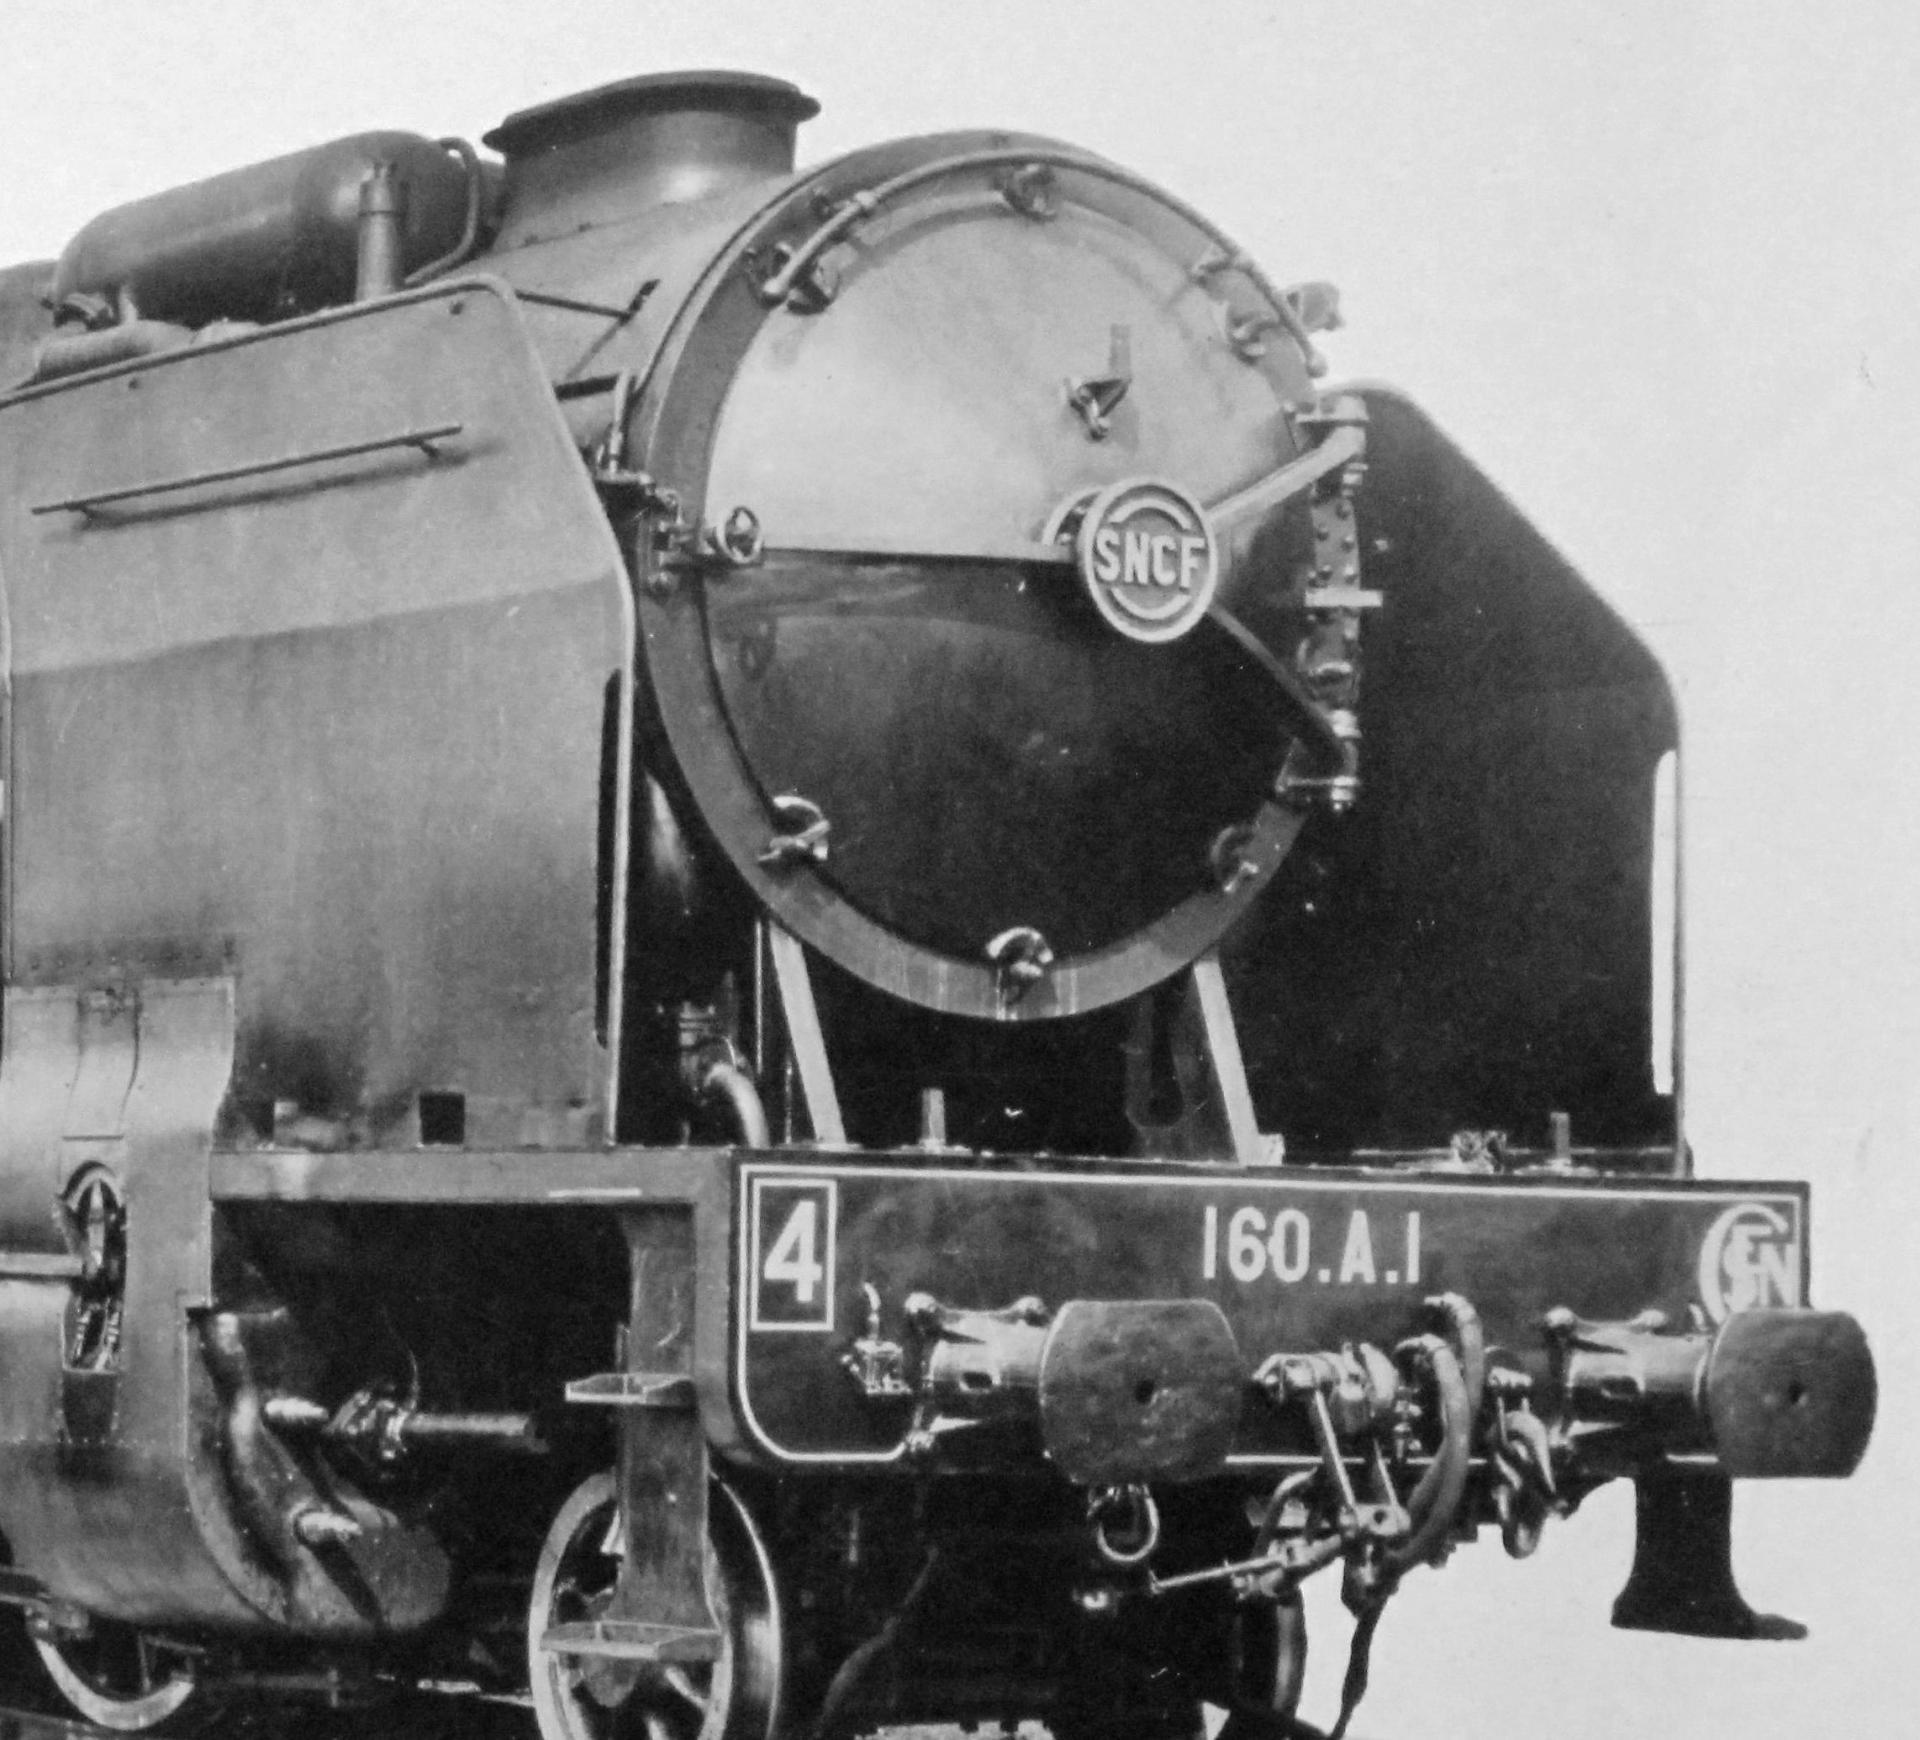 Sncf class 160 a1